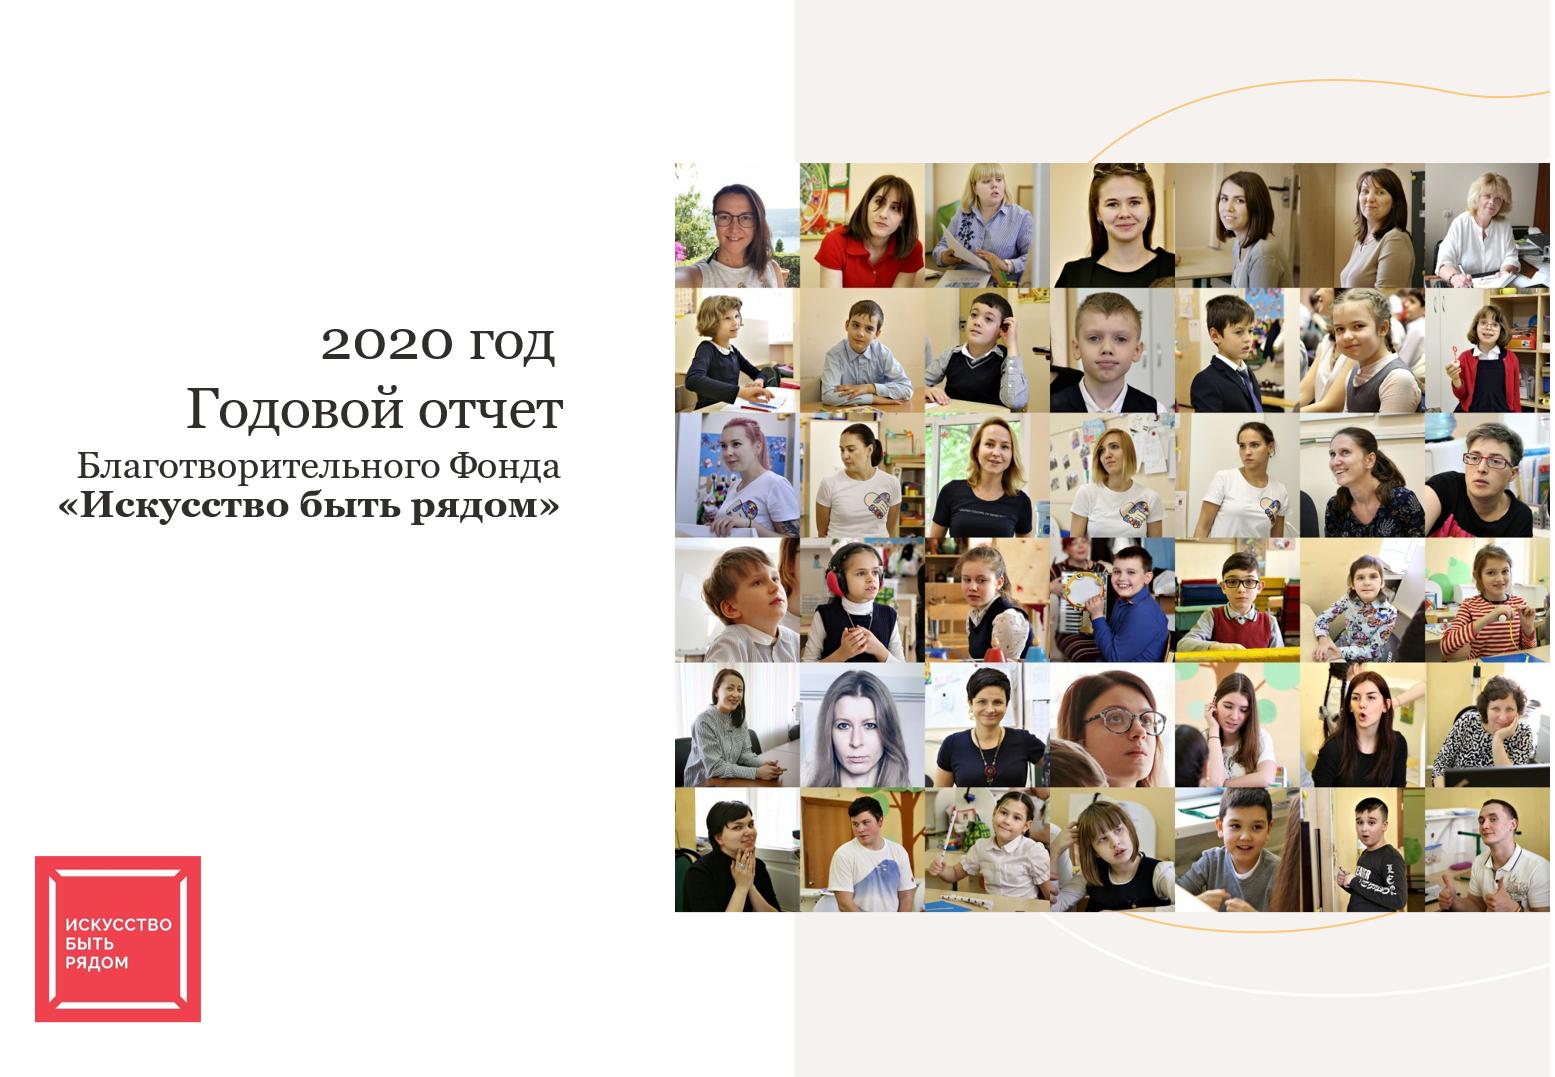 Годовой отчет Благотворительного фонда «Искусство быть рядом» за 2020 год